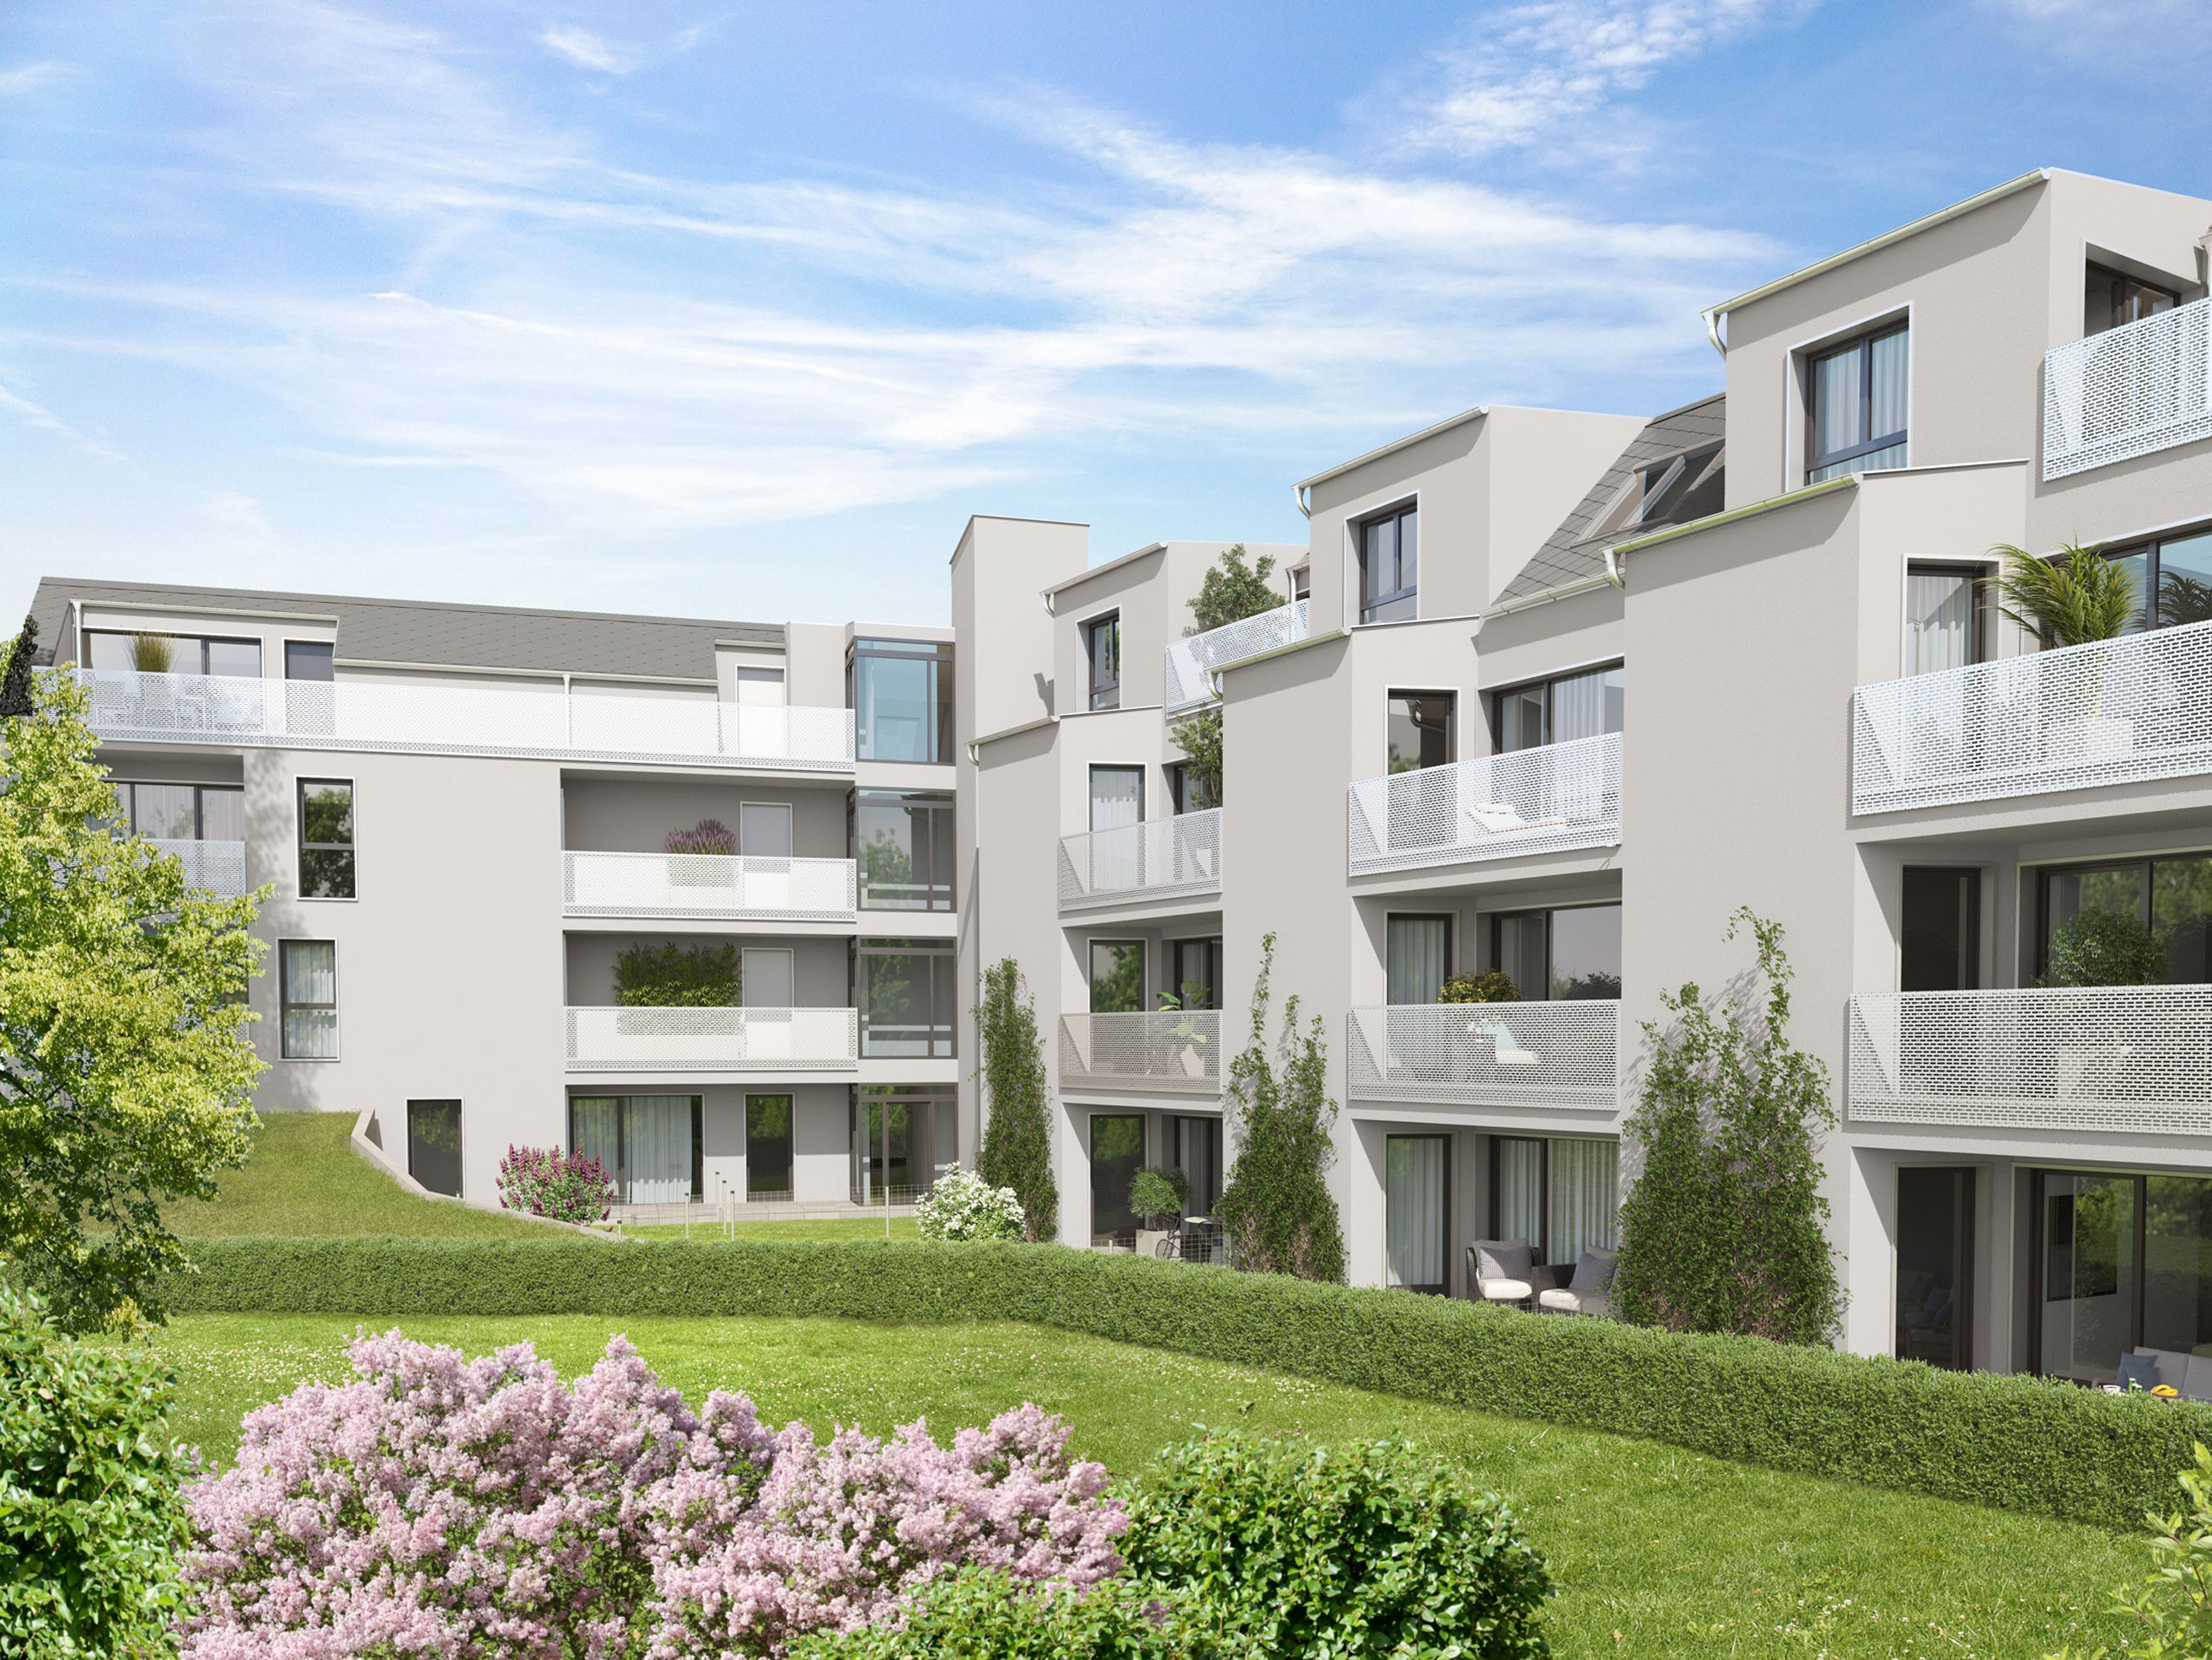 Bauherrenmodell Aspernstrasse Wien 22